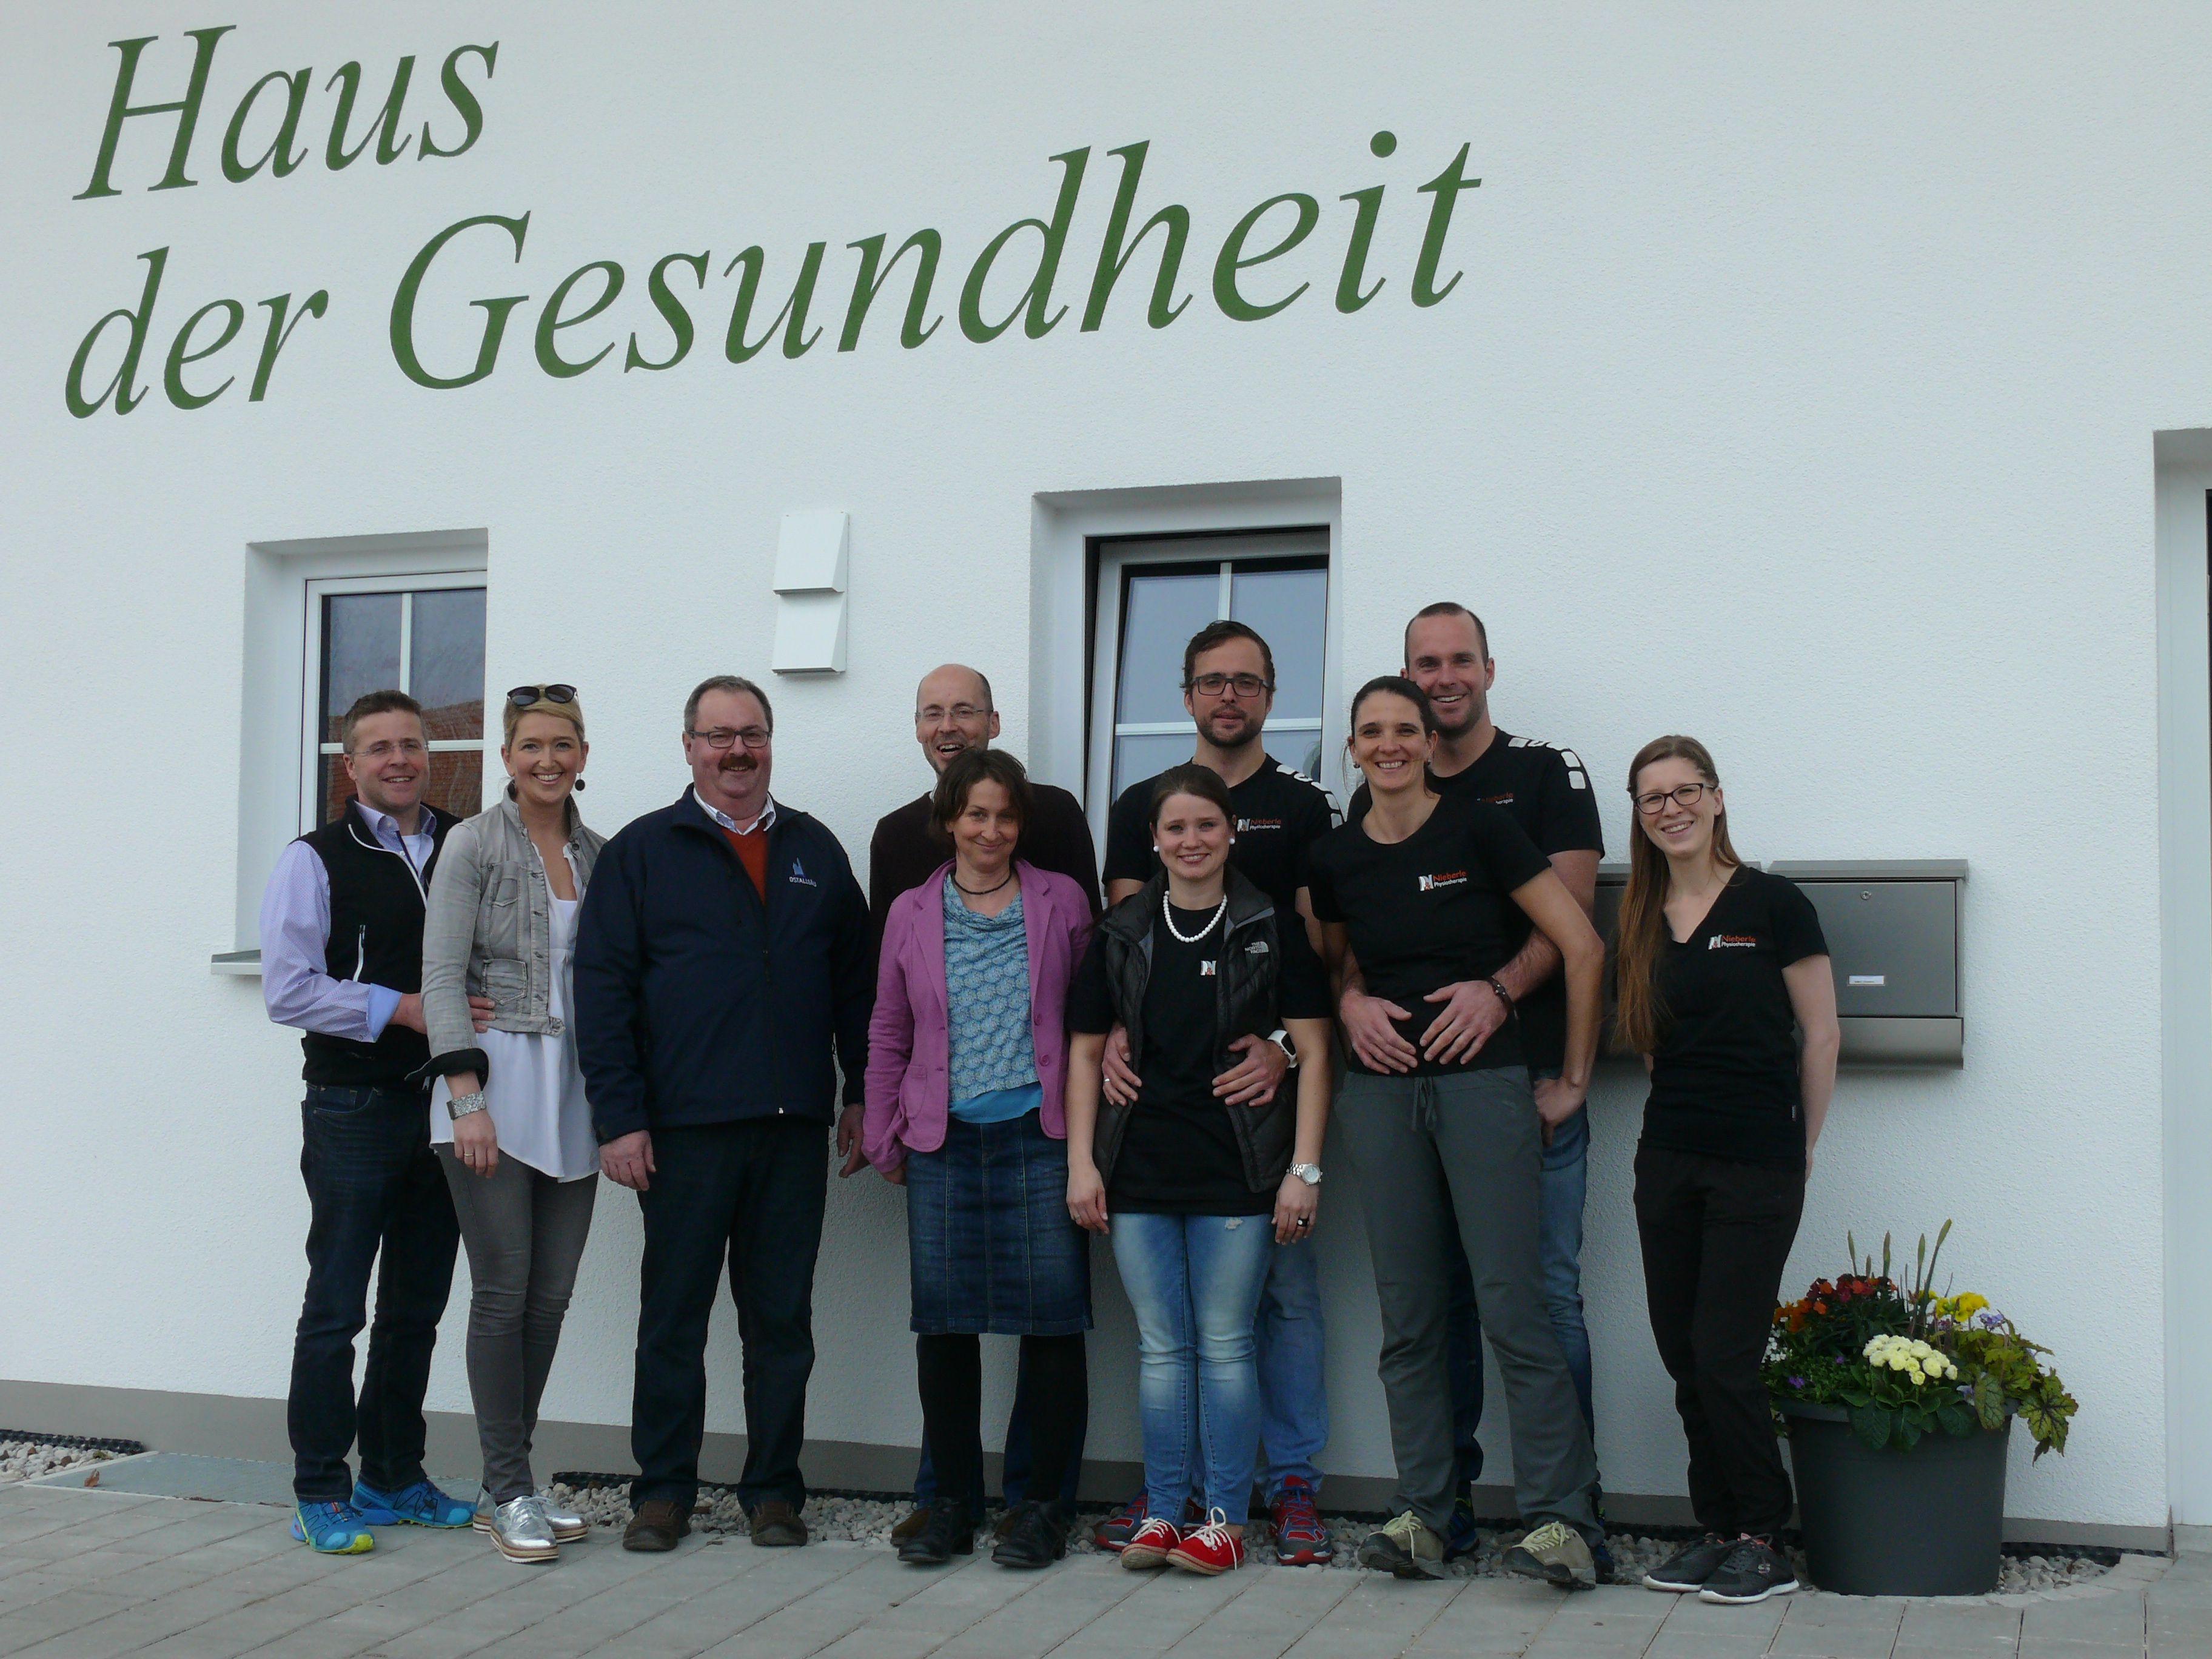 Haus der Gesundheit 2017 Oberostendorf